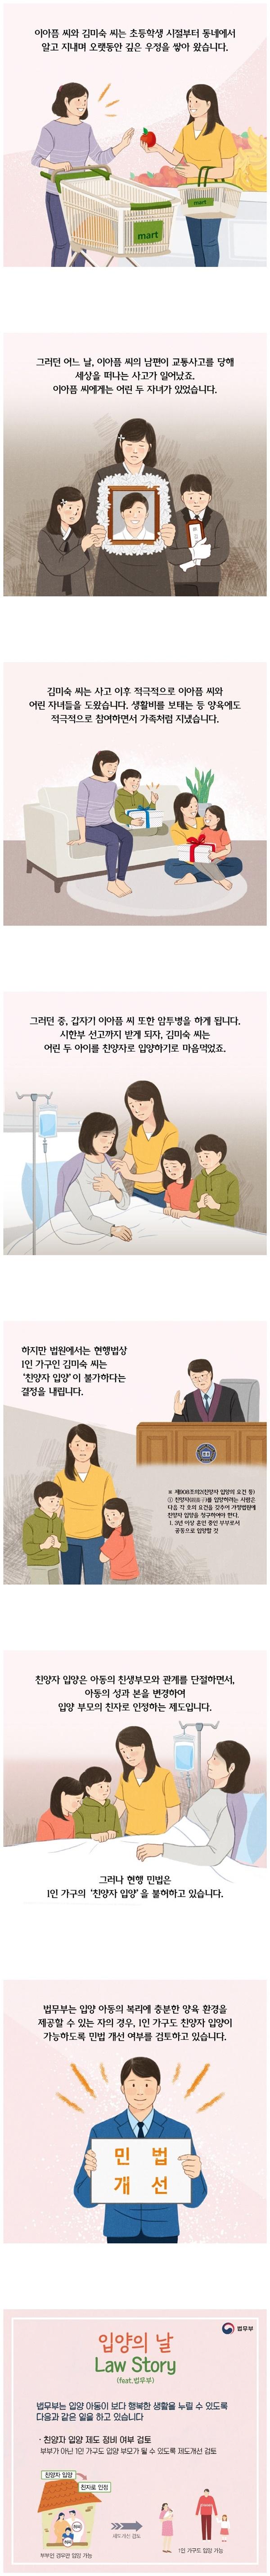 [웹툰] Law Story -입양의 날 편